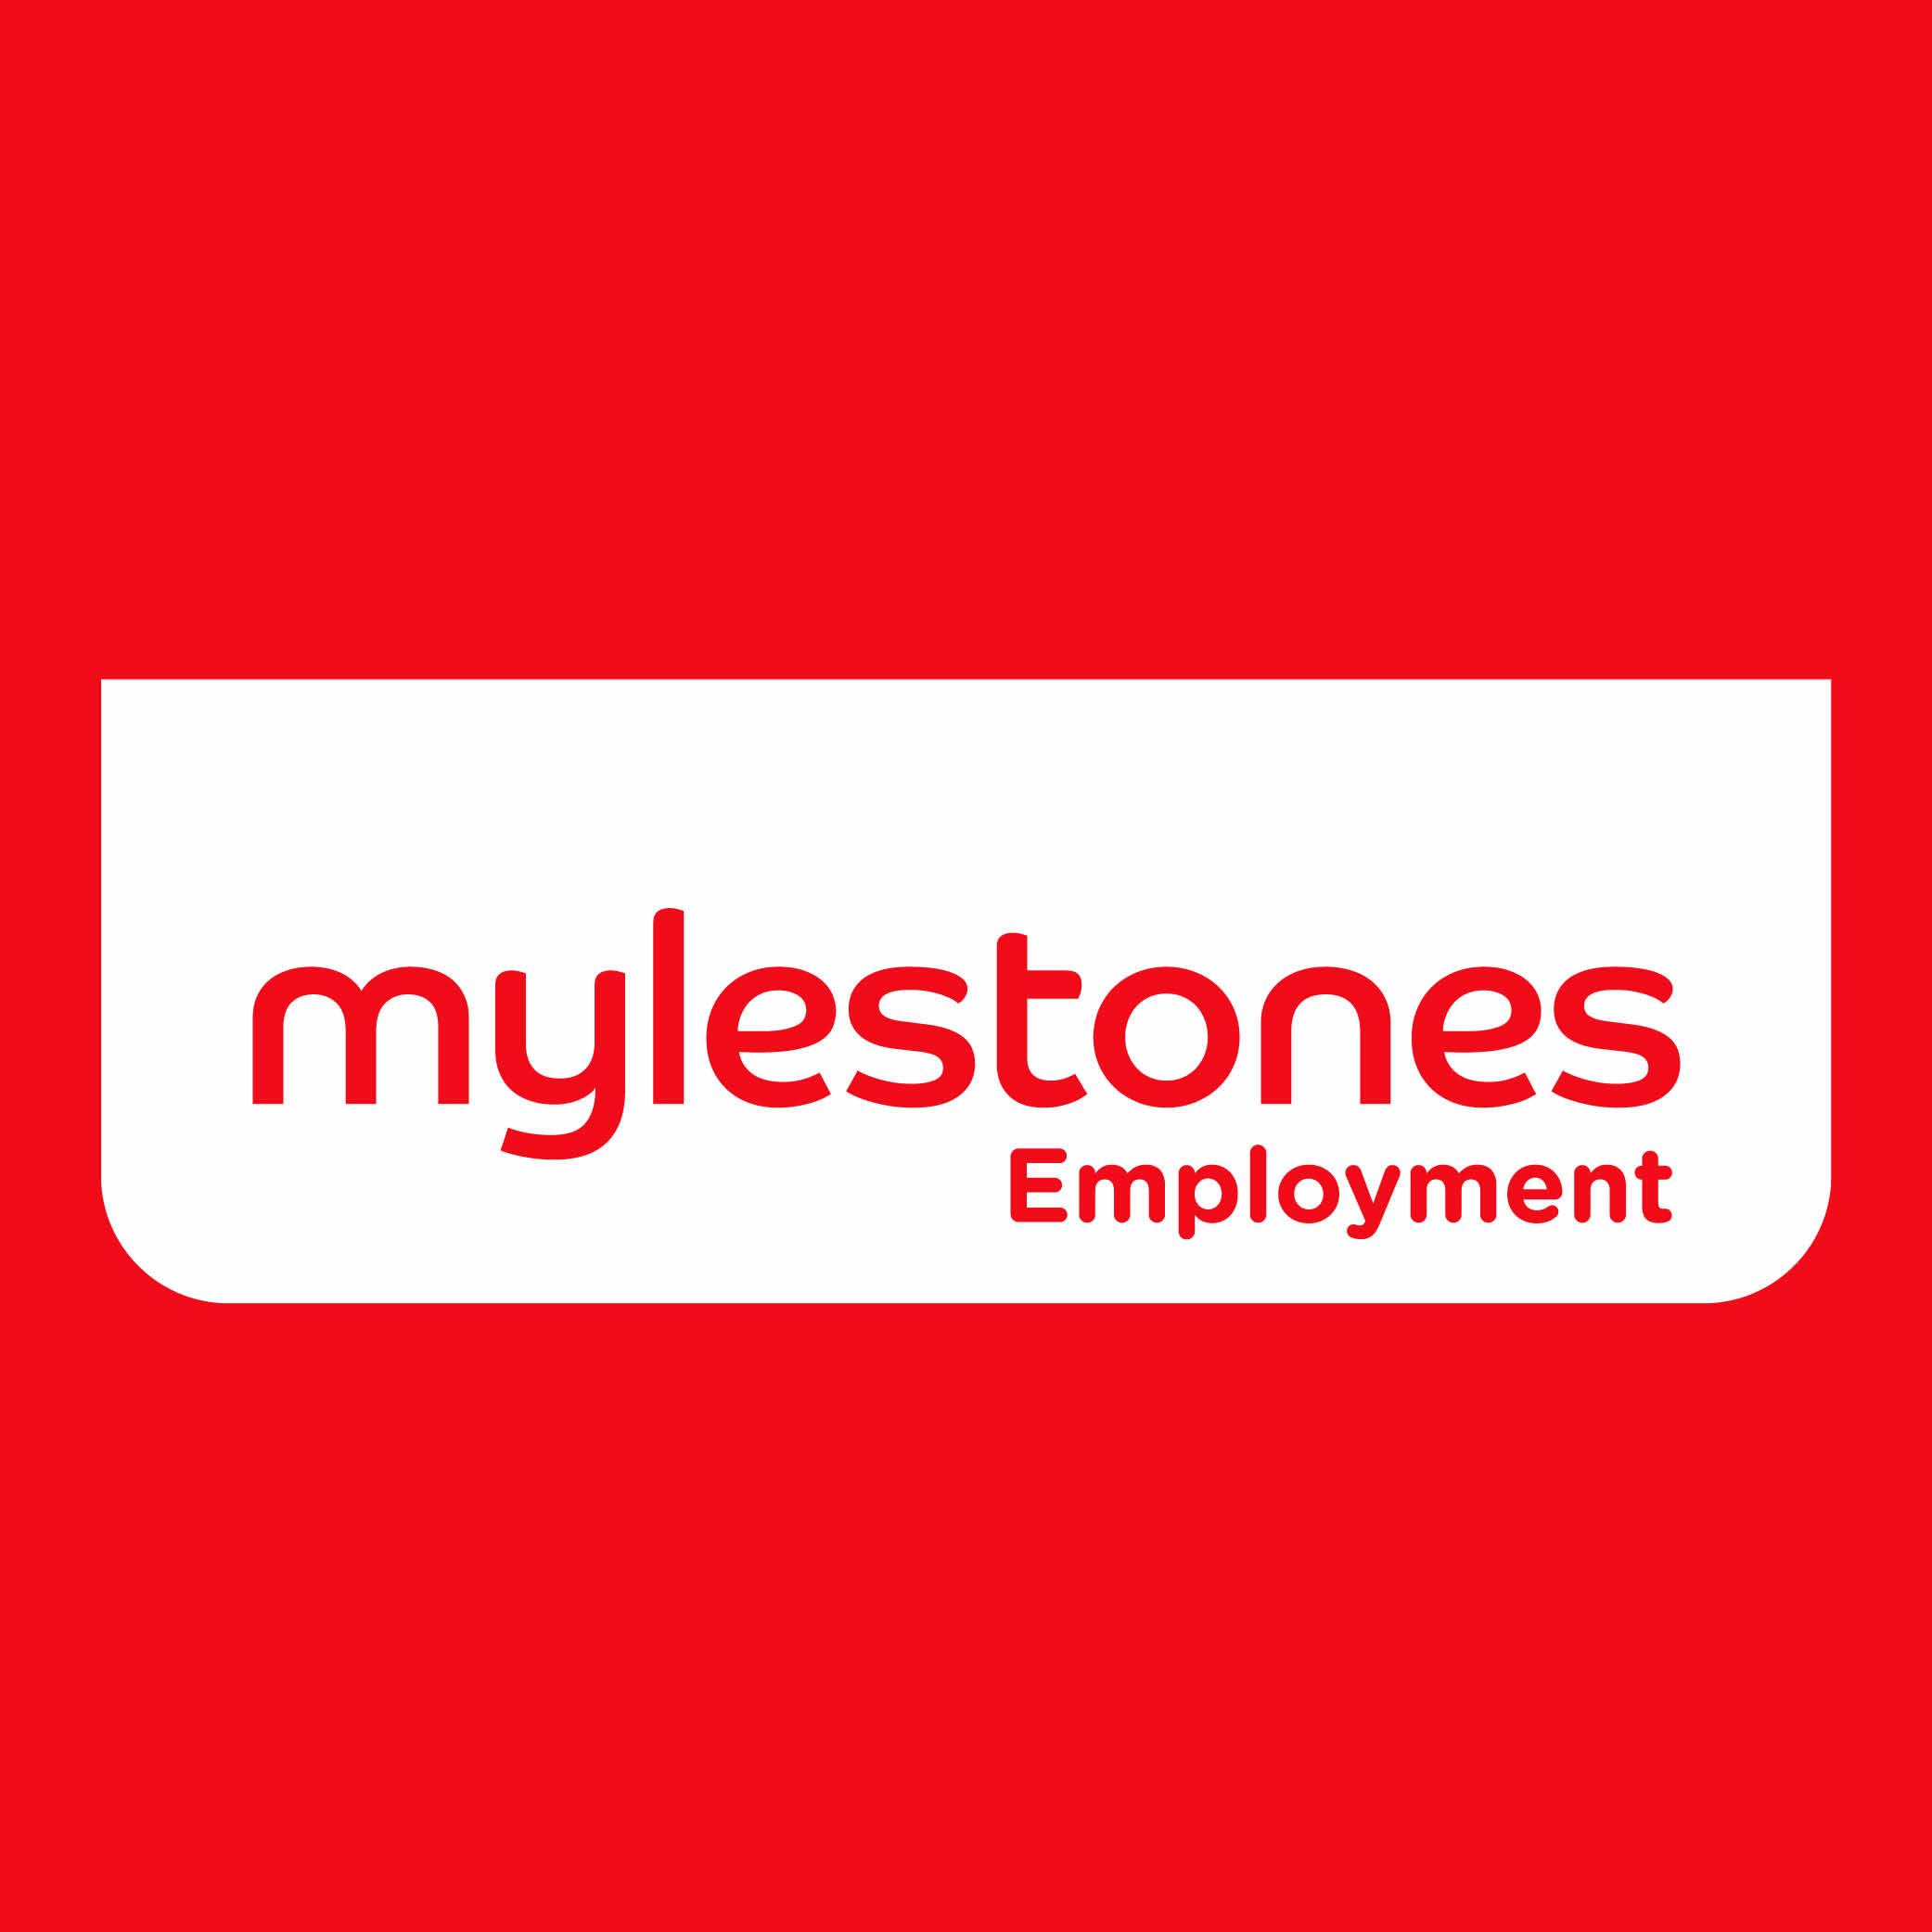 Mylestones Employment - Townsville